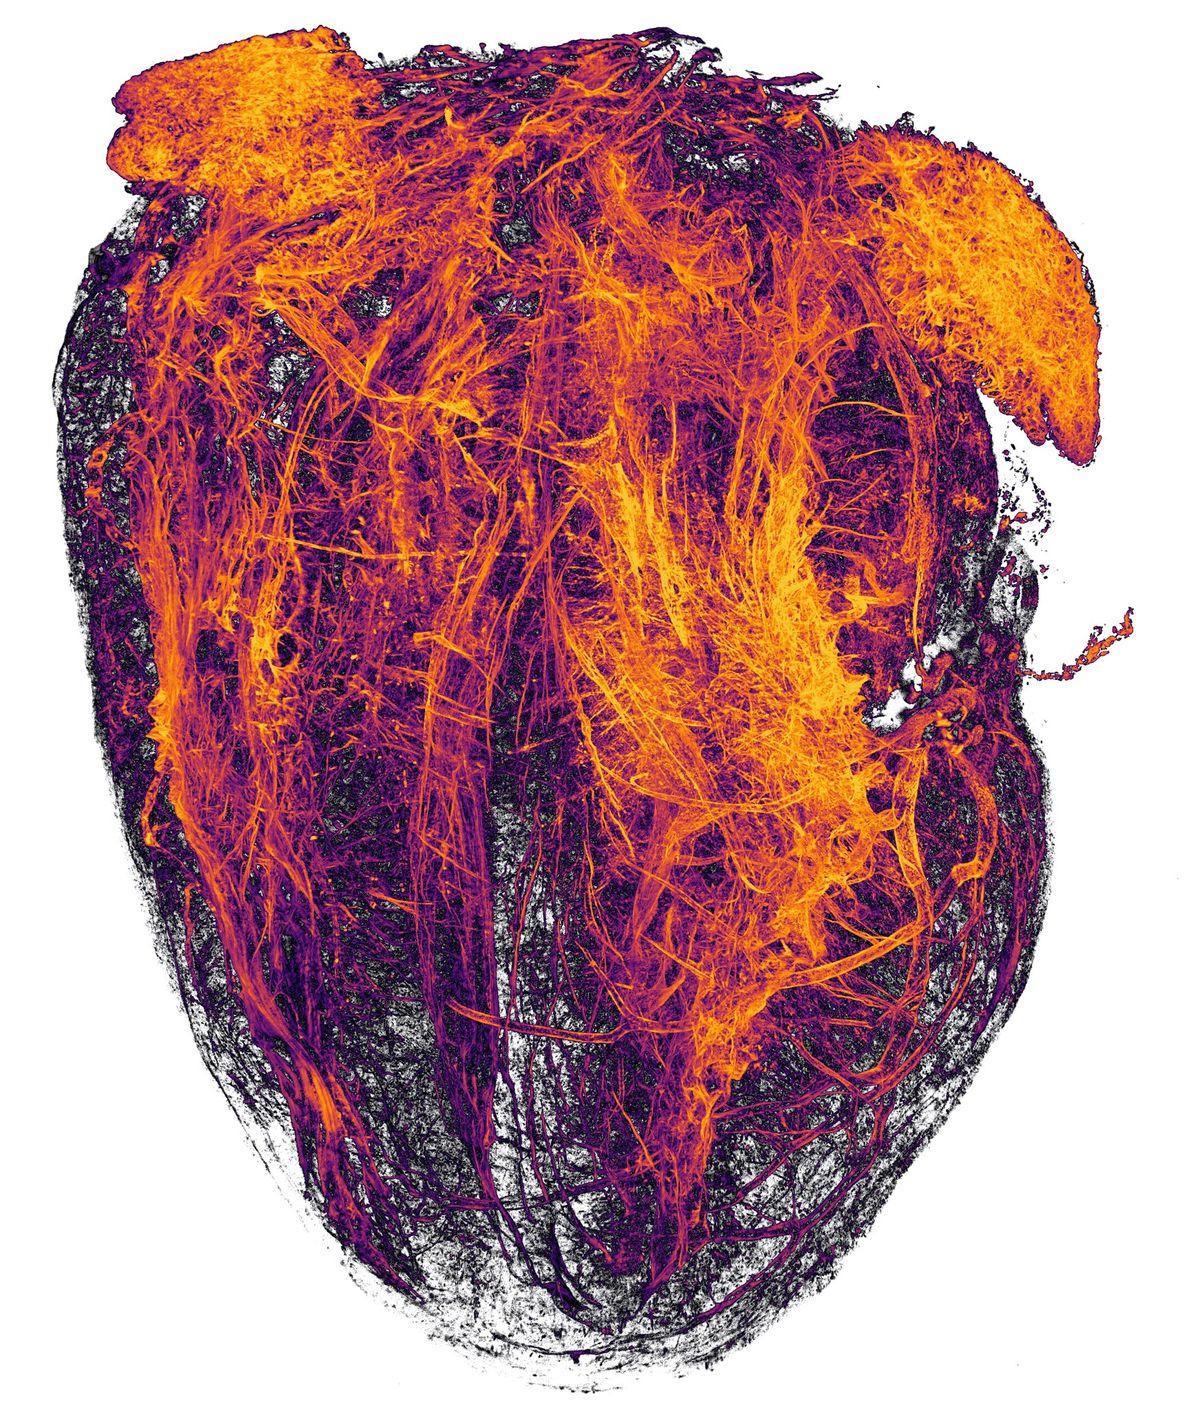 Ces ardents filaments orange imagés par les chercheurs de l'Essen University Hospital sont en fait les ...